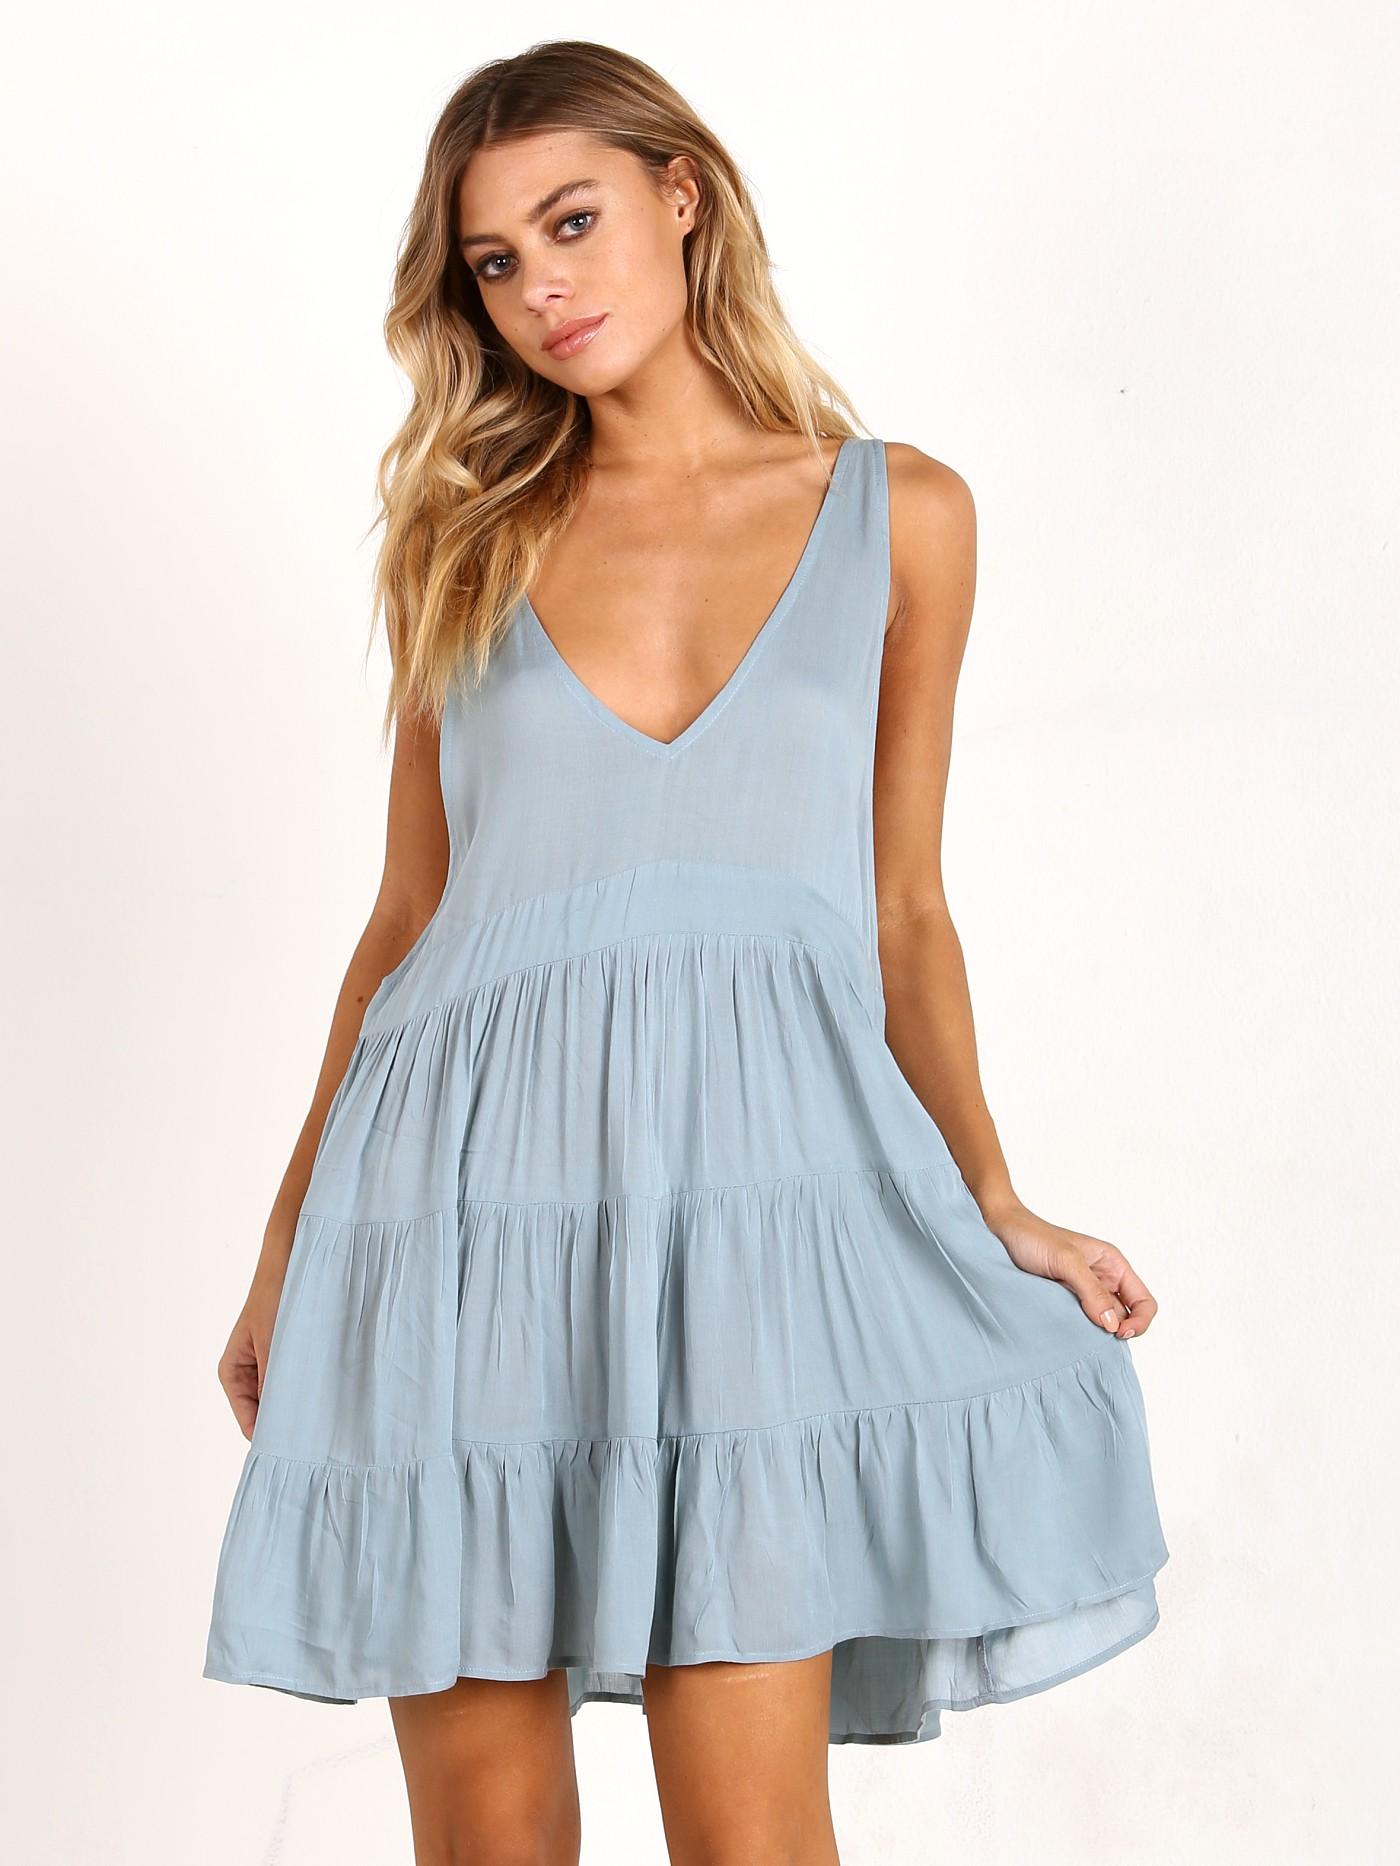 Acacia Havana Mini Dress Rayon Sky HAVANA - Free Shipping at Largo Drive